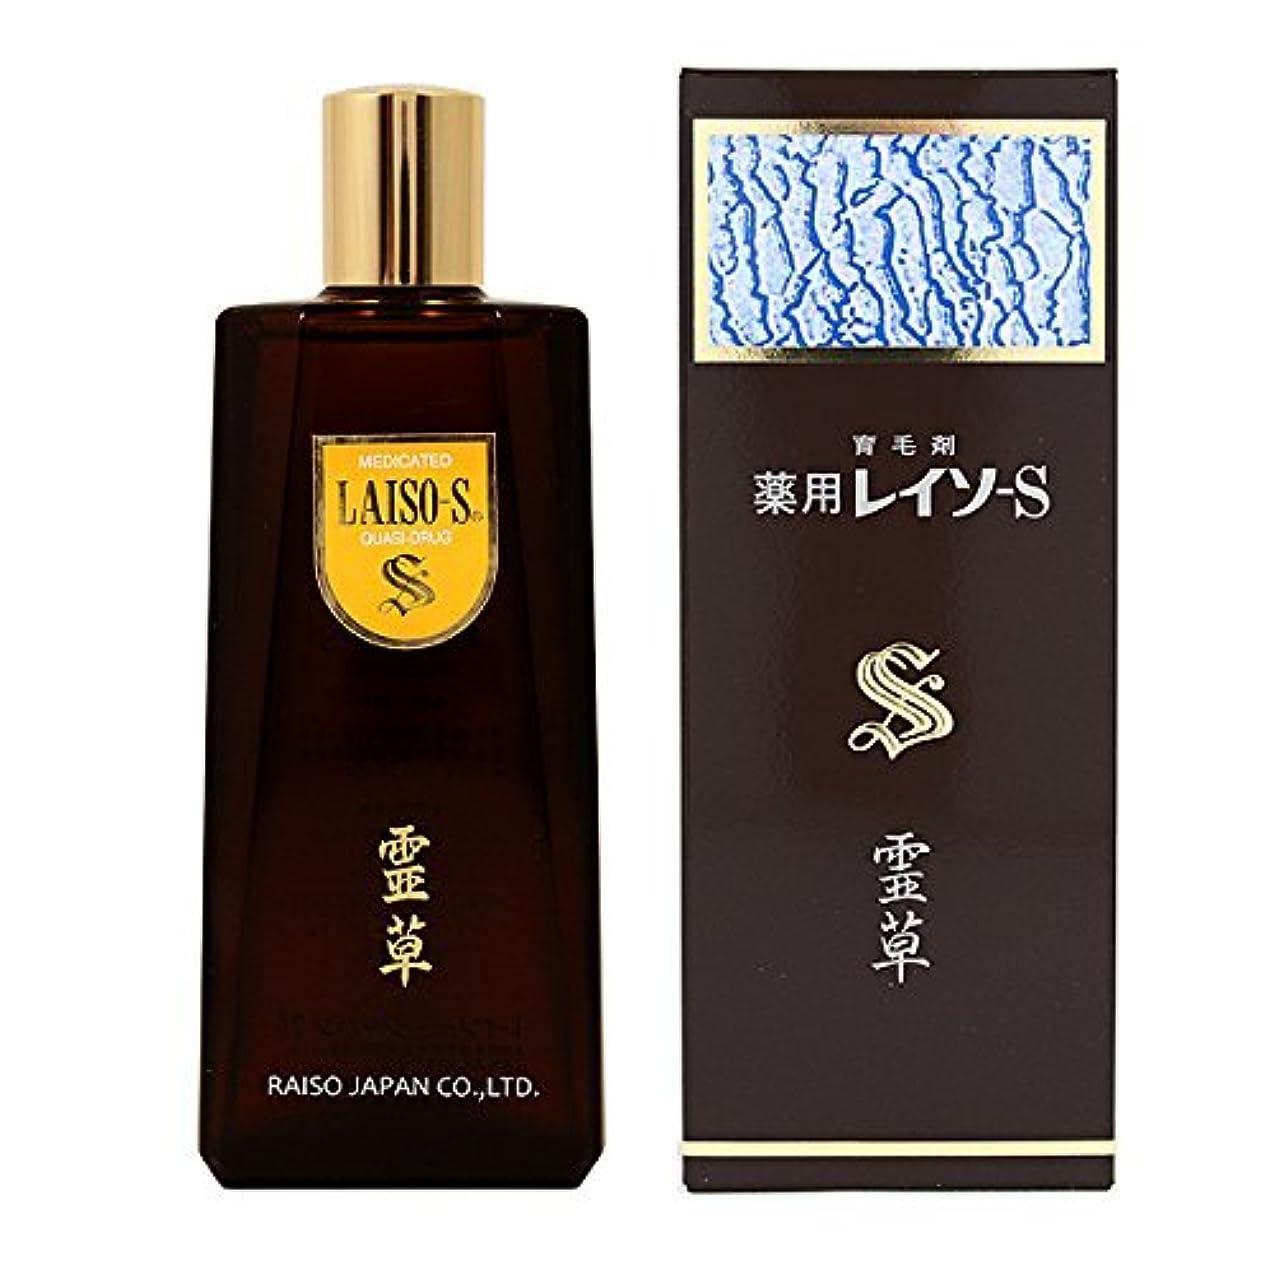 無視する贈り物振り返る日本ヘアサプライ 薬用レイソーS 150ml